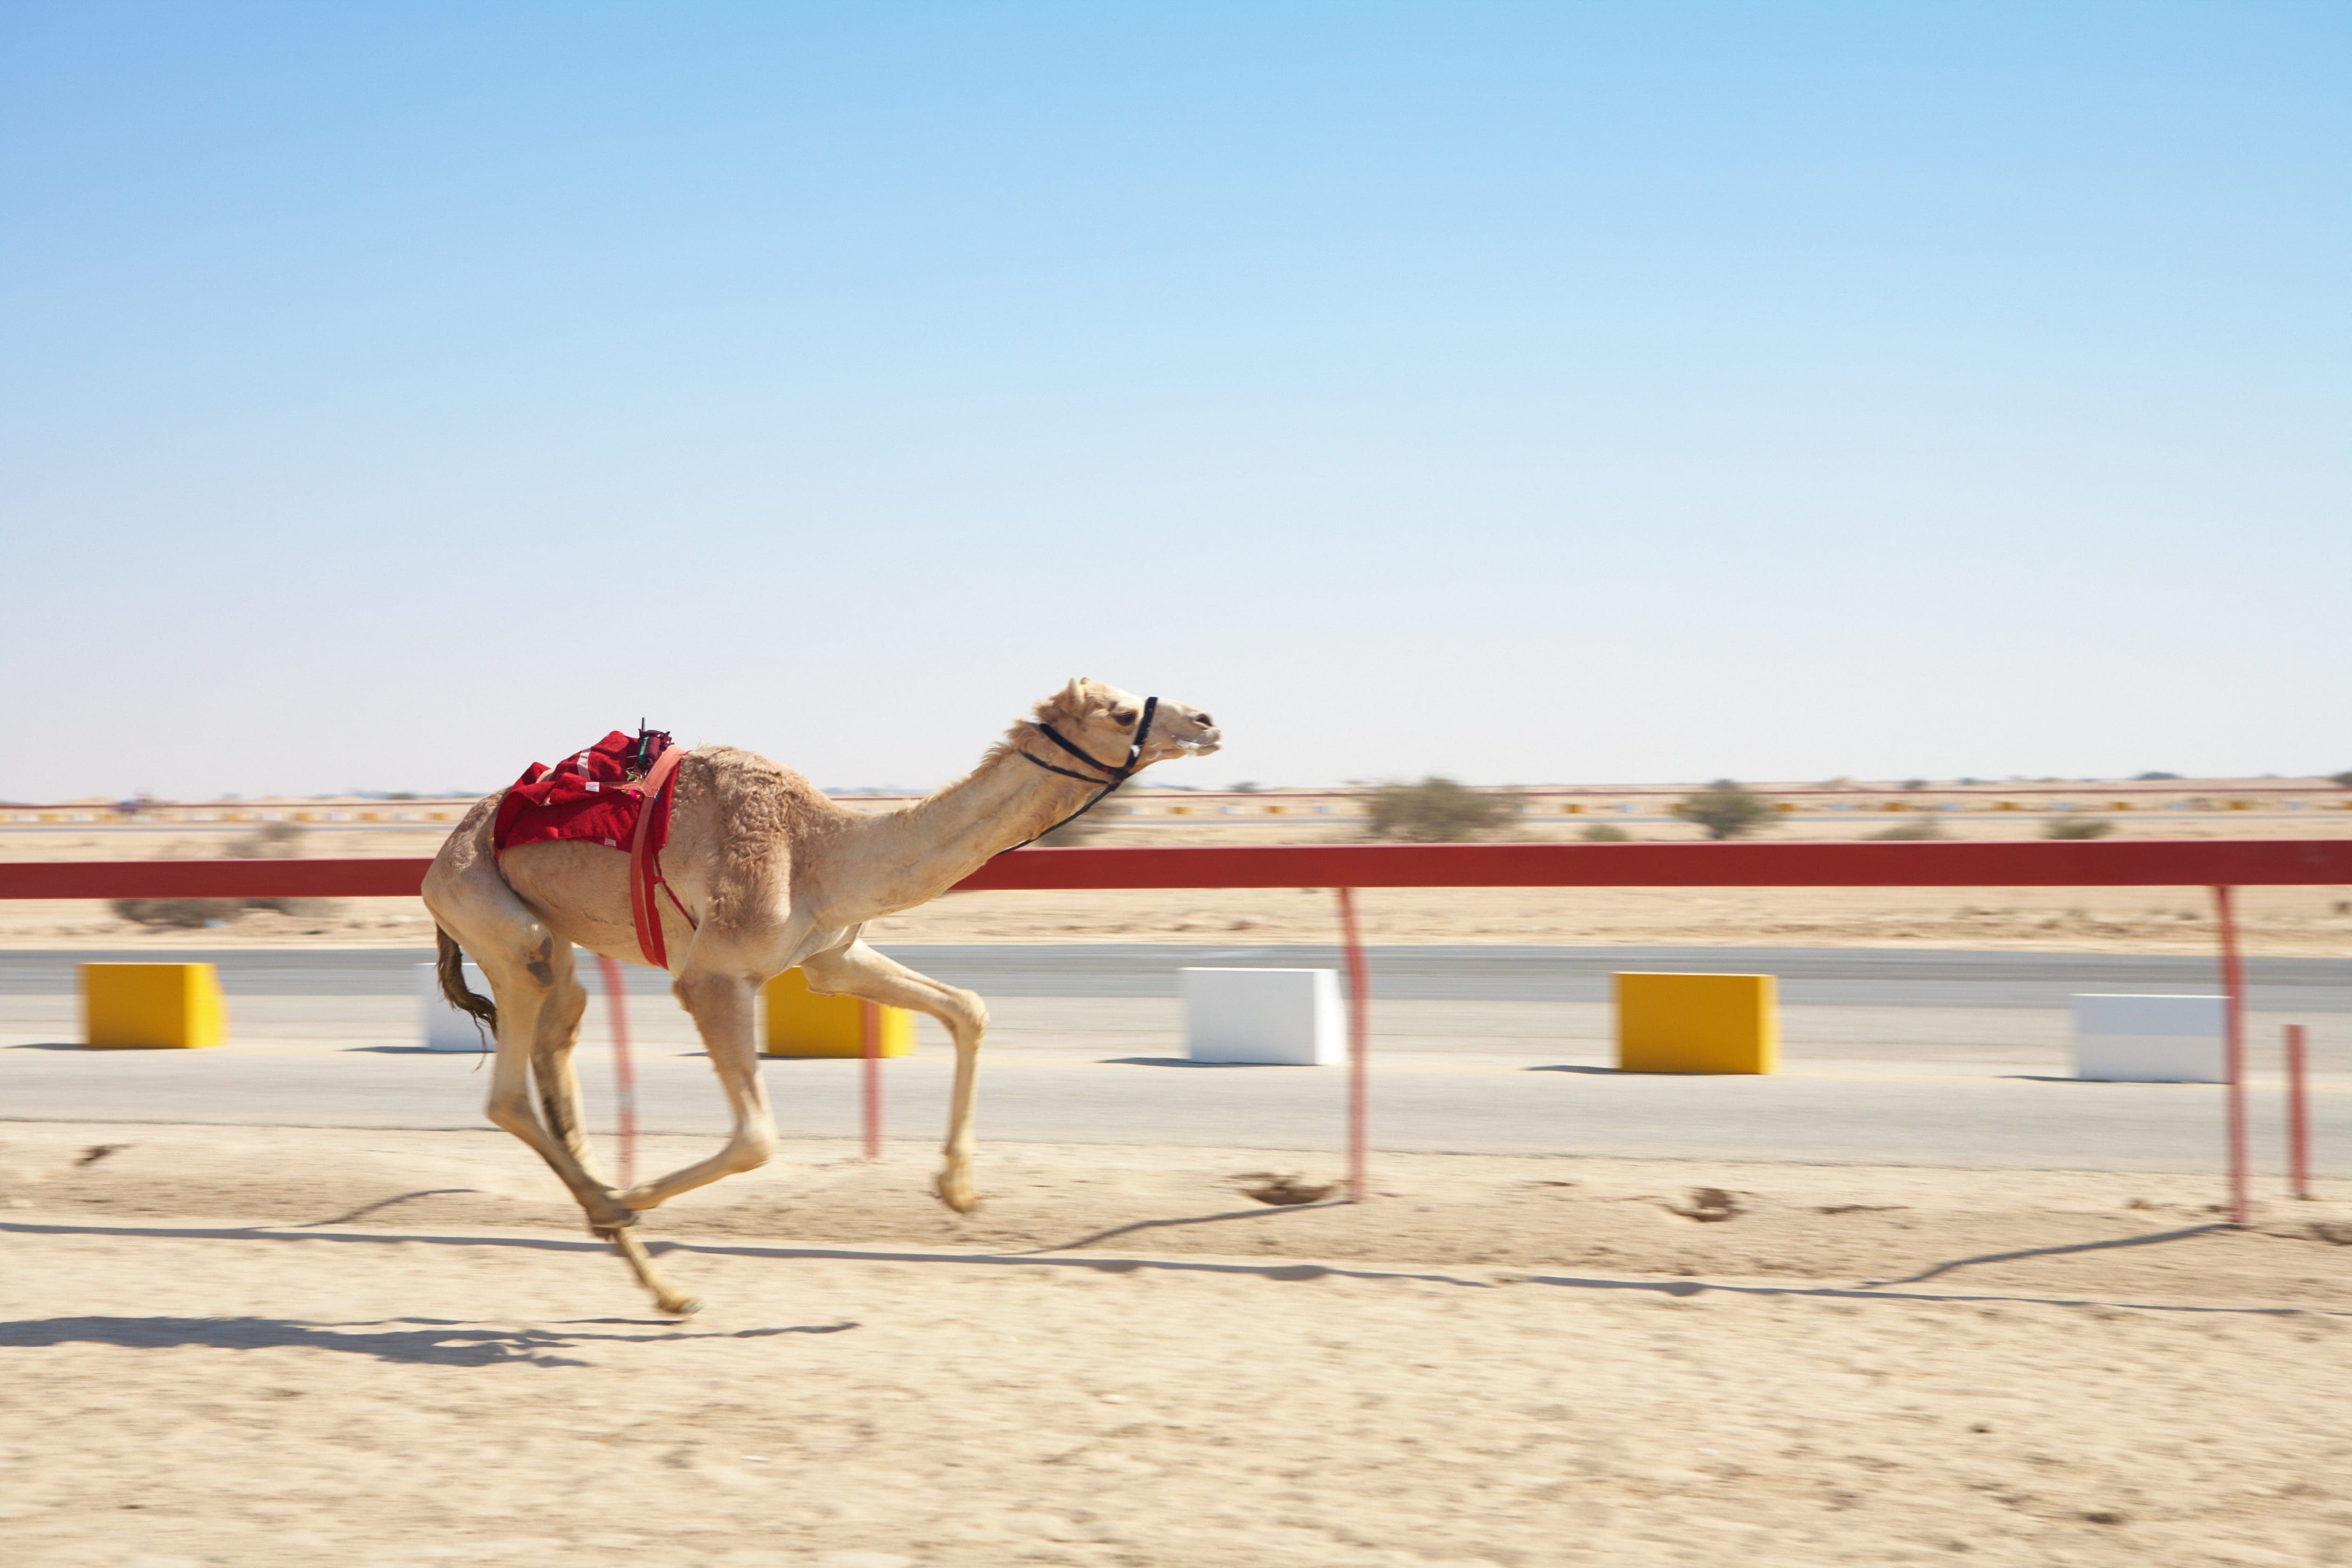 A camel races at the Al Shahaniya Racetrack